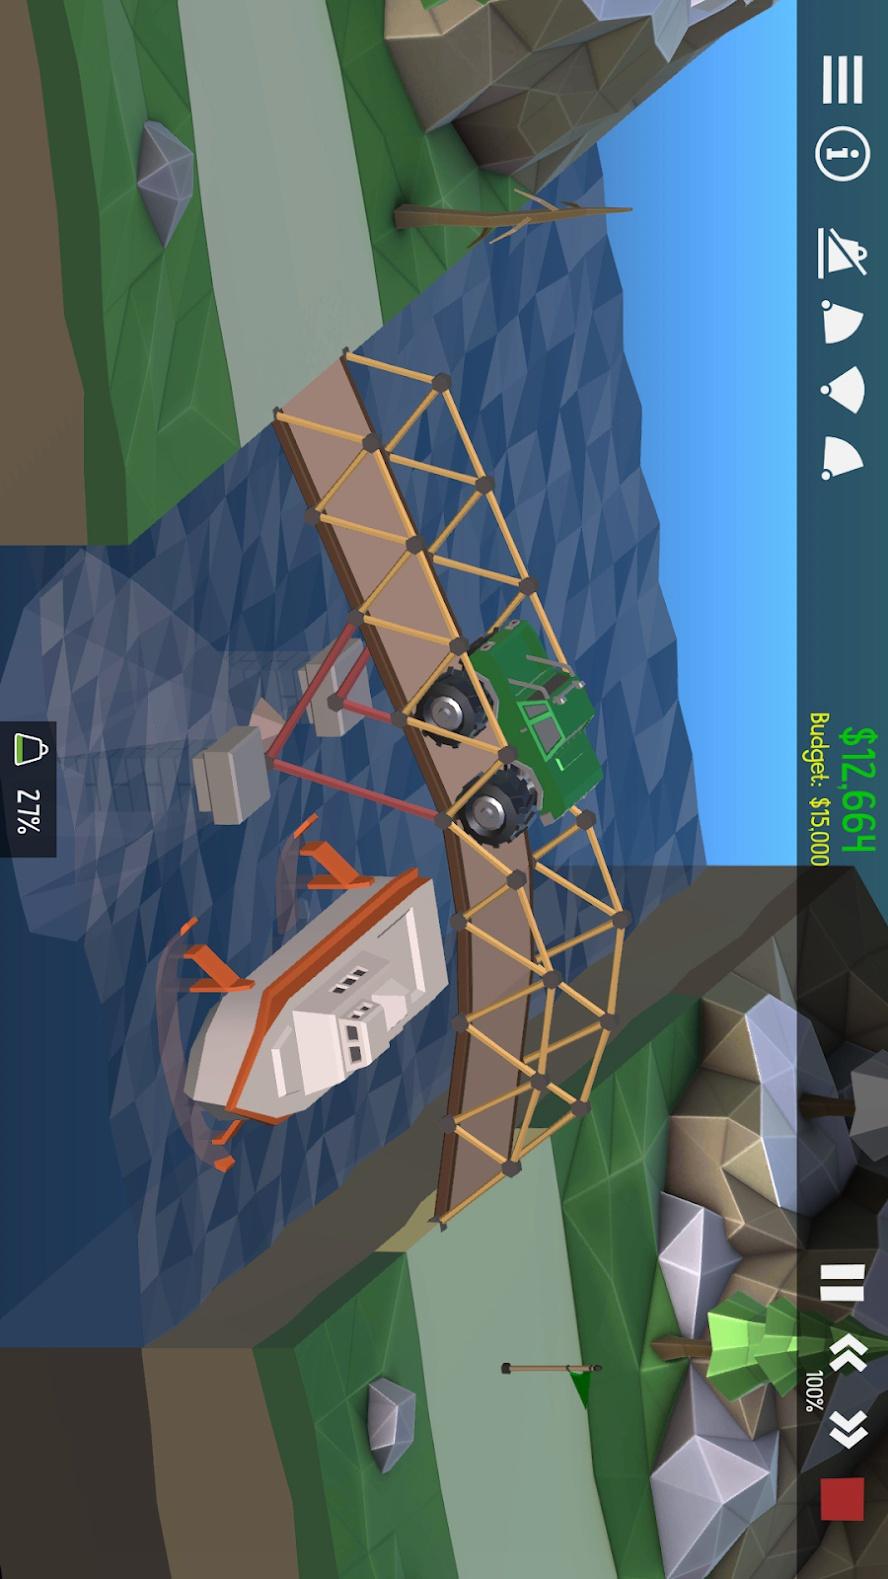 桥梁构造者2(B站超果果mc推荐)游戏截图